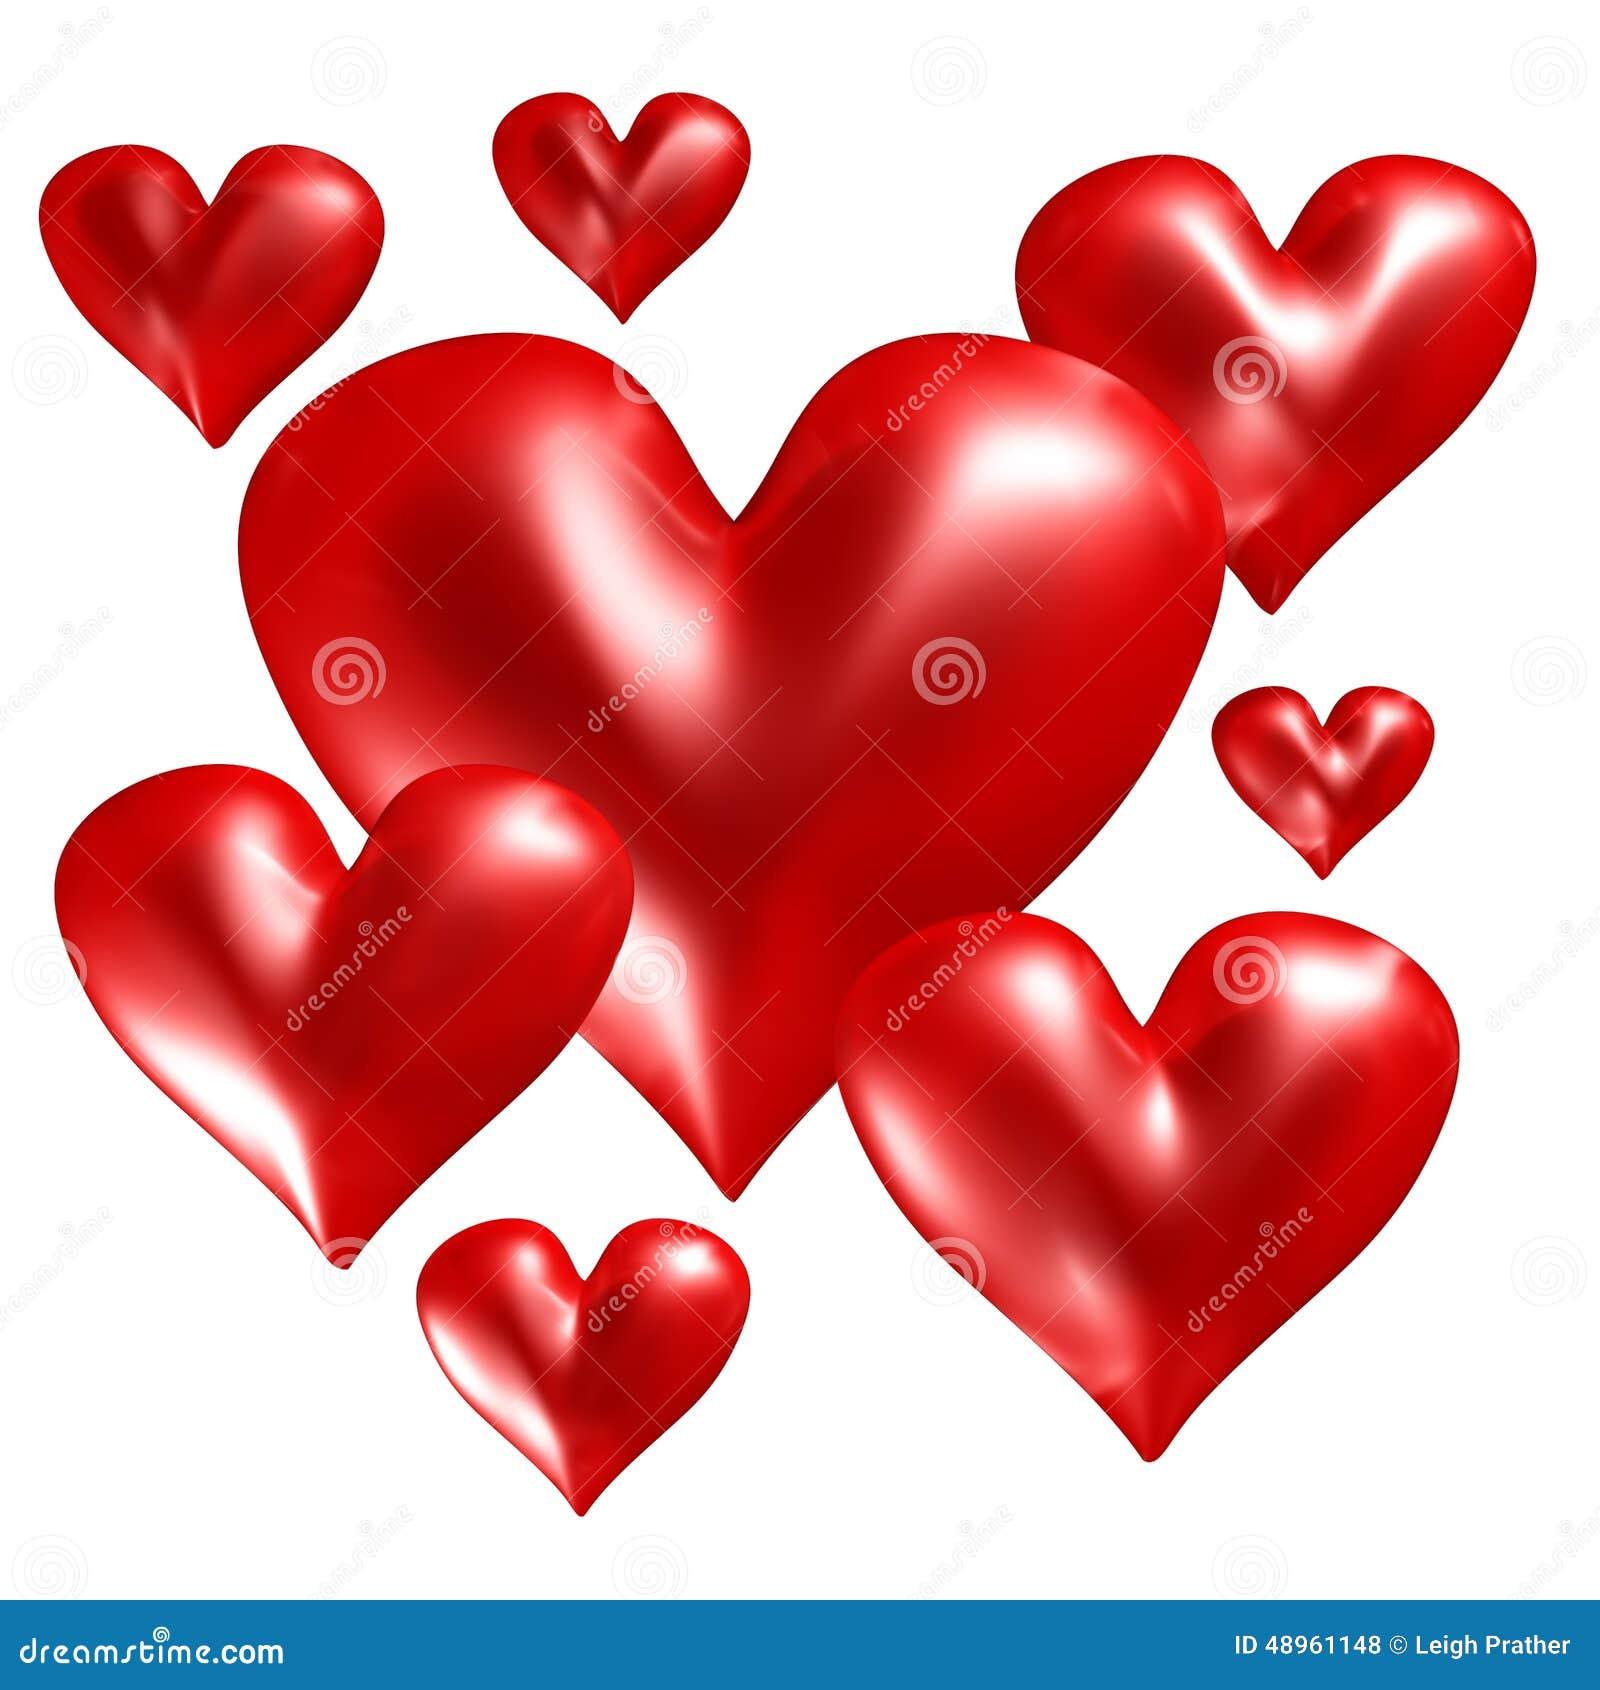 Gruppo di cuori rossi illustrazione di stock for Immagini di cuori rossi